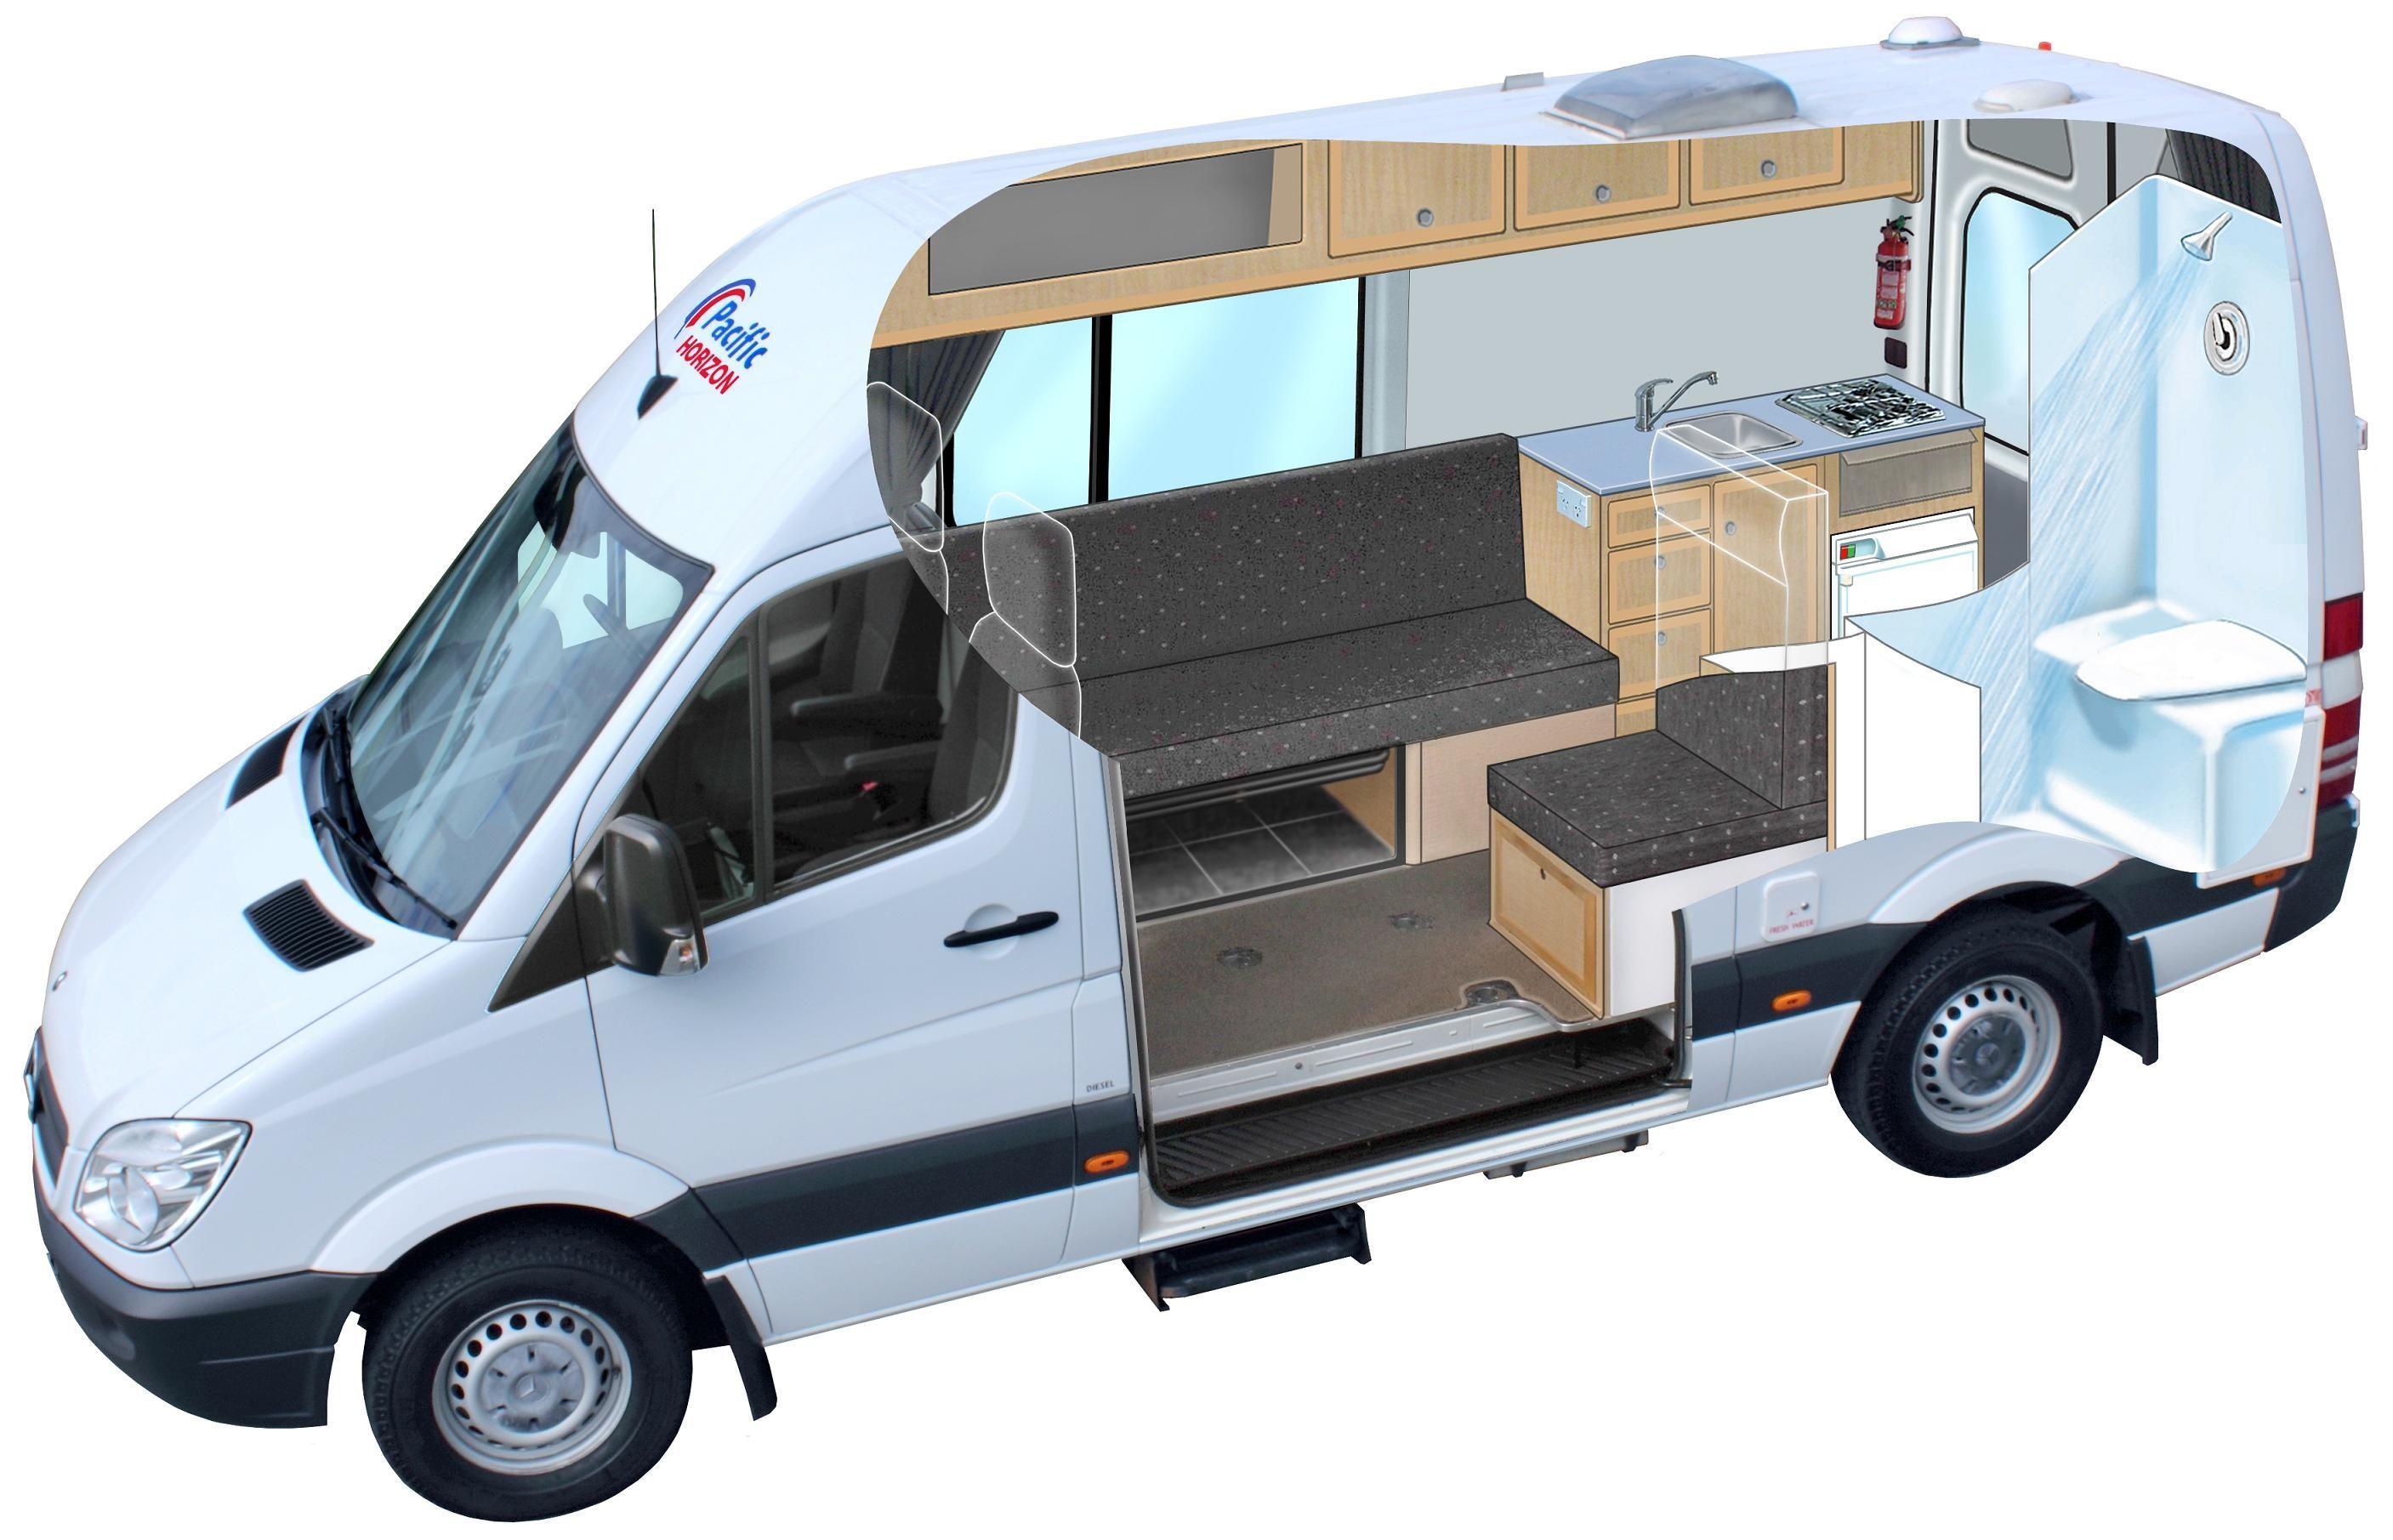 Ford Transit Camper Google Search Camperlayout Ford Transit Camper Camper Van Conversion Diy Transit Camper